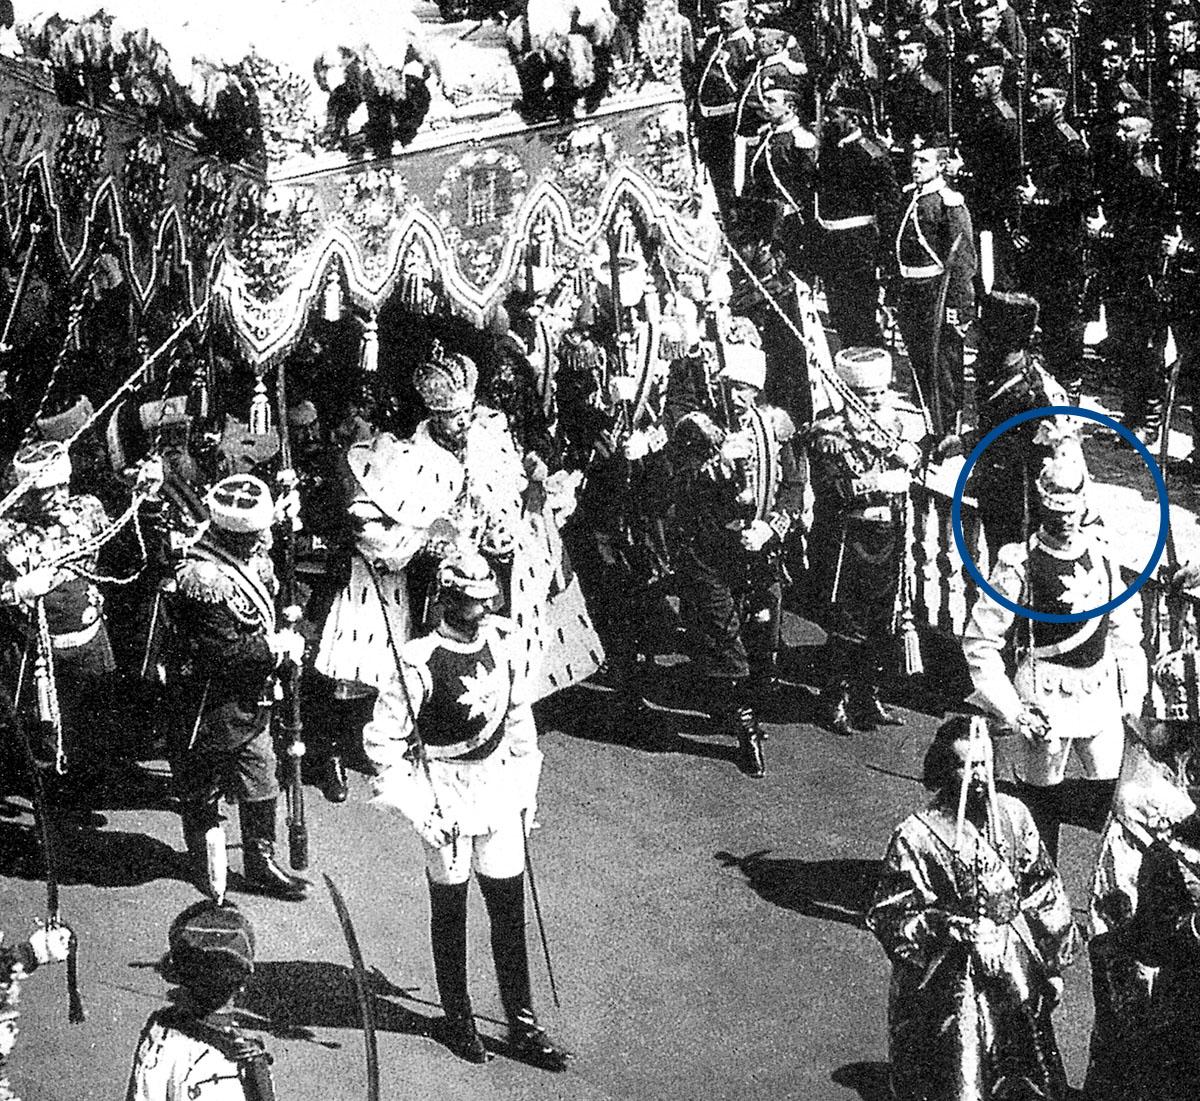 Кавалергард Маннергейм (четвертый справа от государя) в почетном карауле Кавалергардского полка при коронации Николая II. 1896 год.